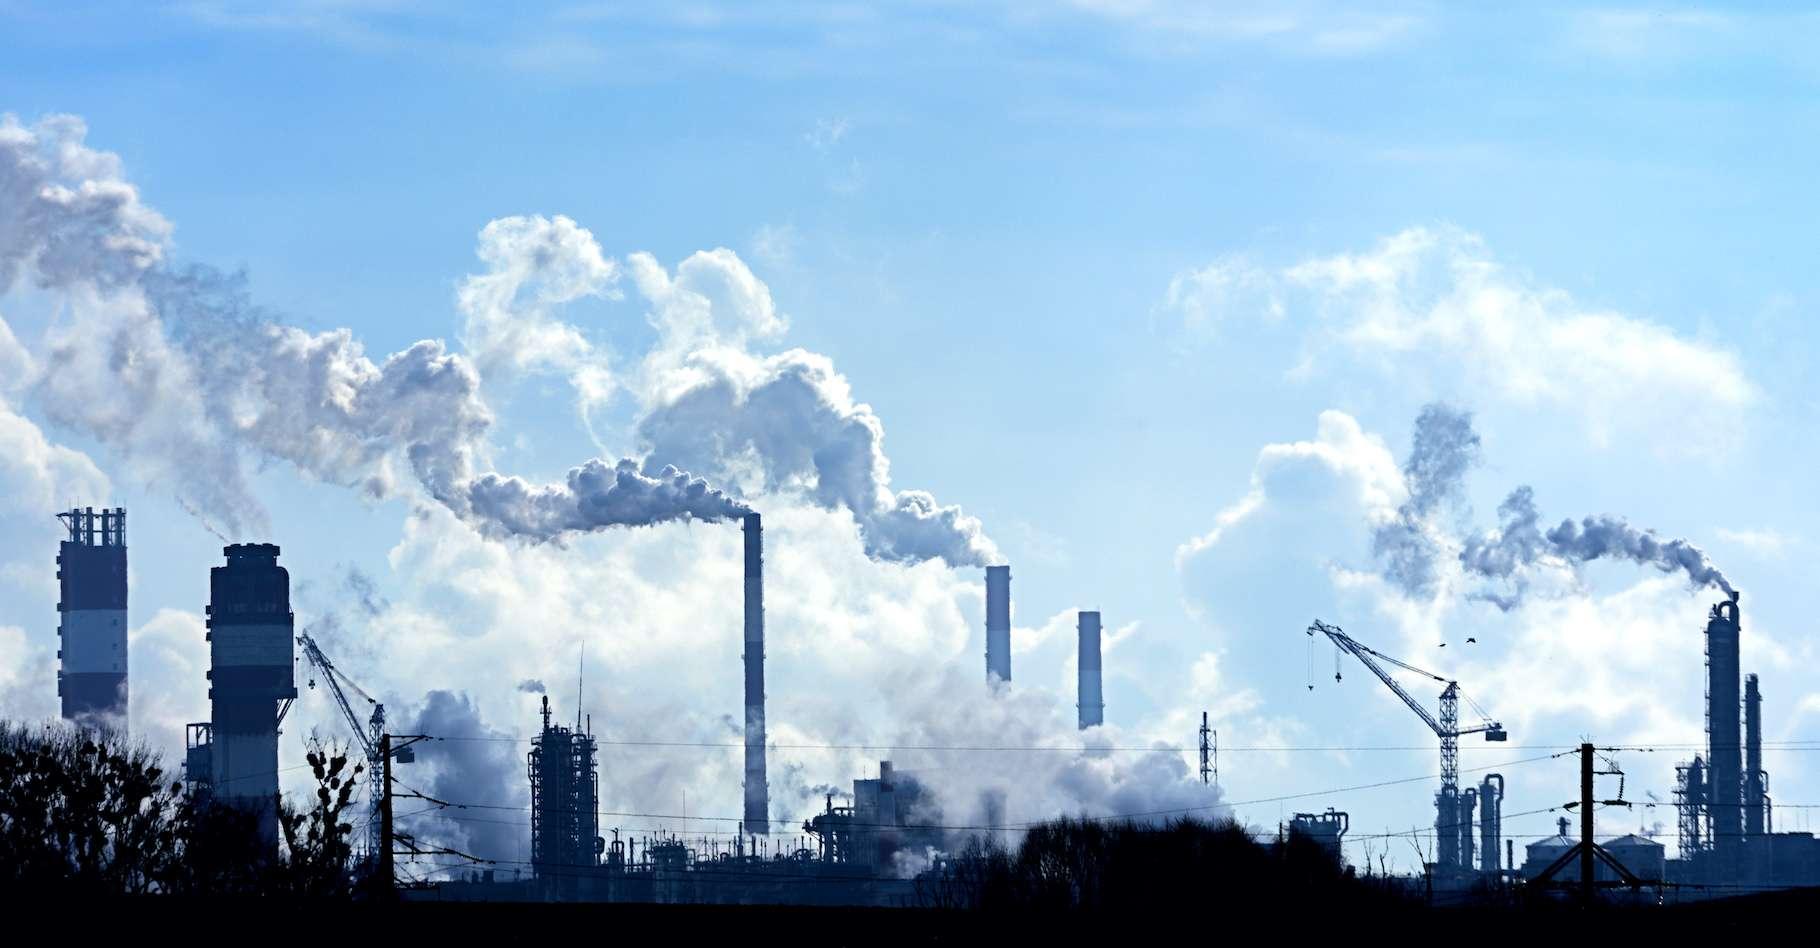 Pendant le confinement imposé par la crise du coronavirus, l'activité économique s'est mise en sommeil. Avec elle, les émissions de CO2. Mais le taux de ce gaz à effet de serre dans l'atmosphère continue de grimper. © Vital, Adobe Stock